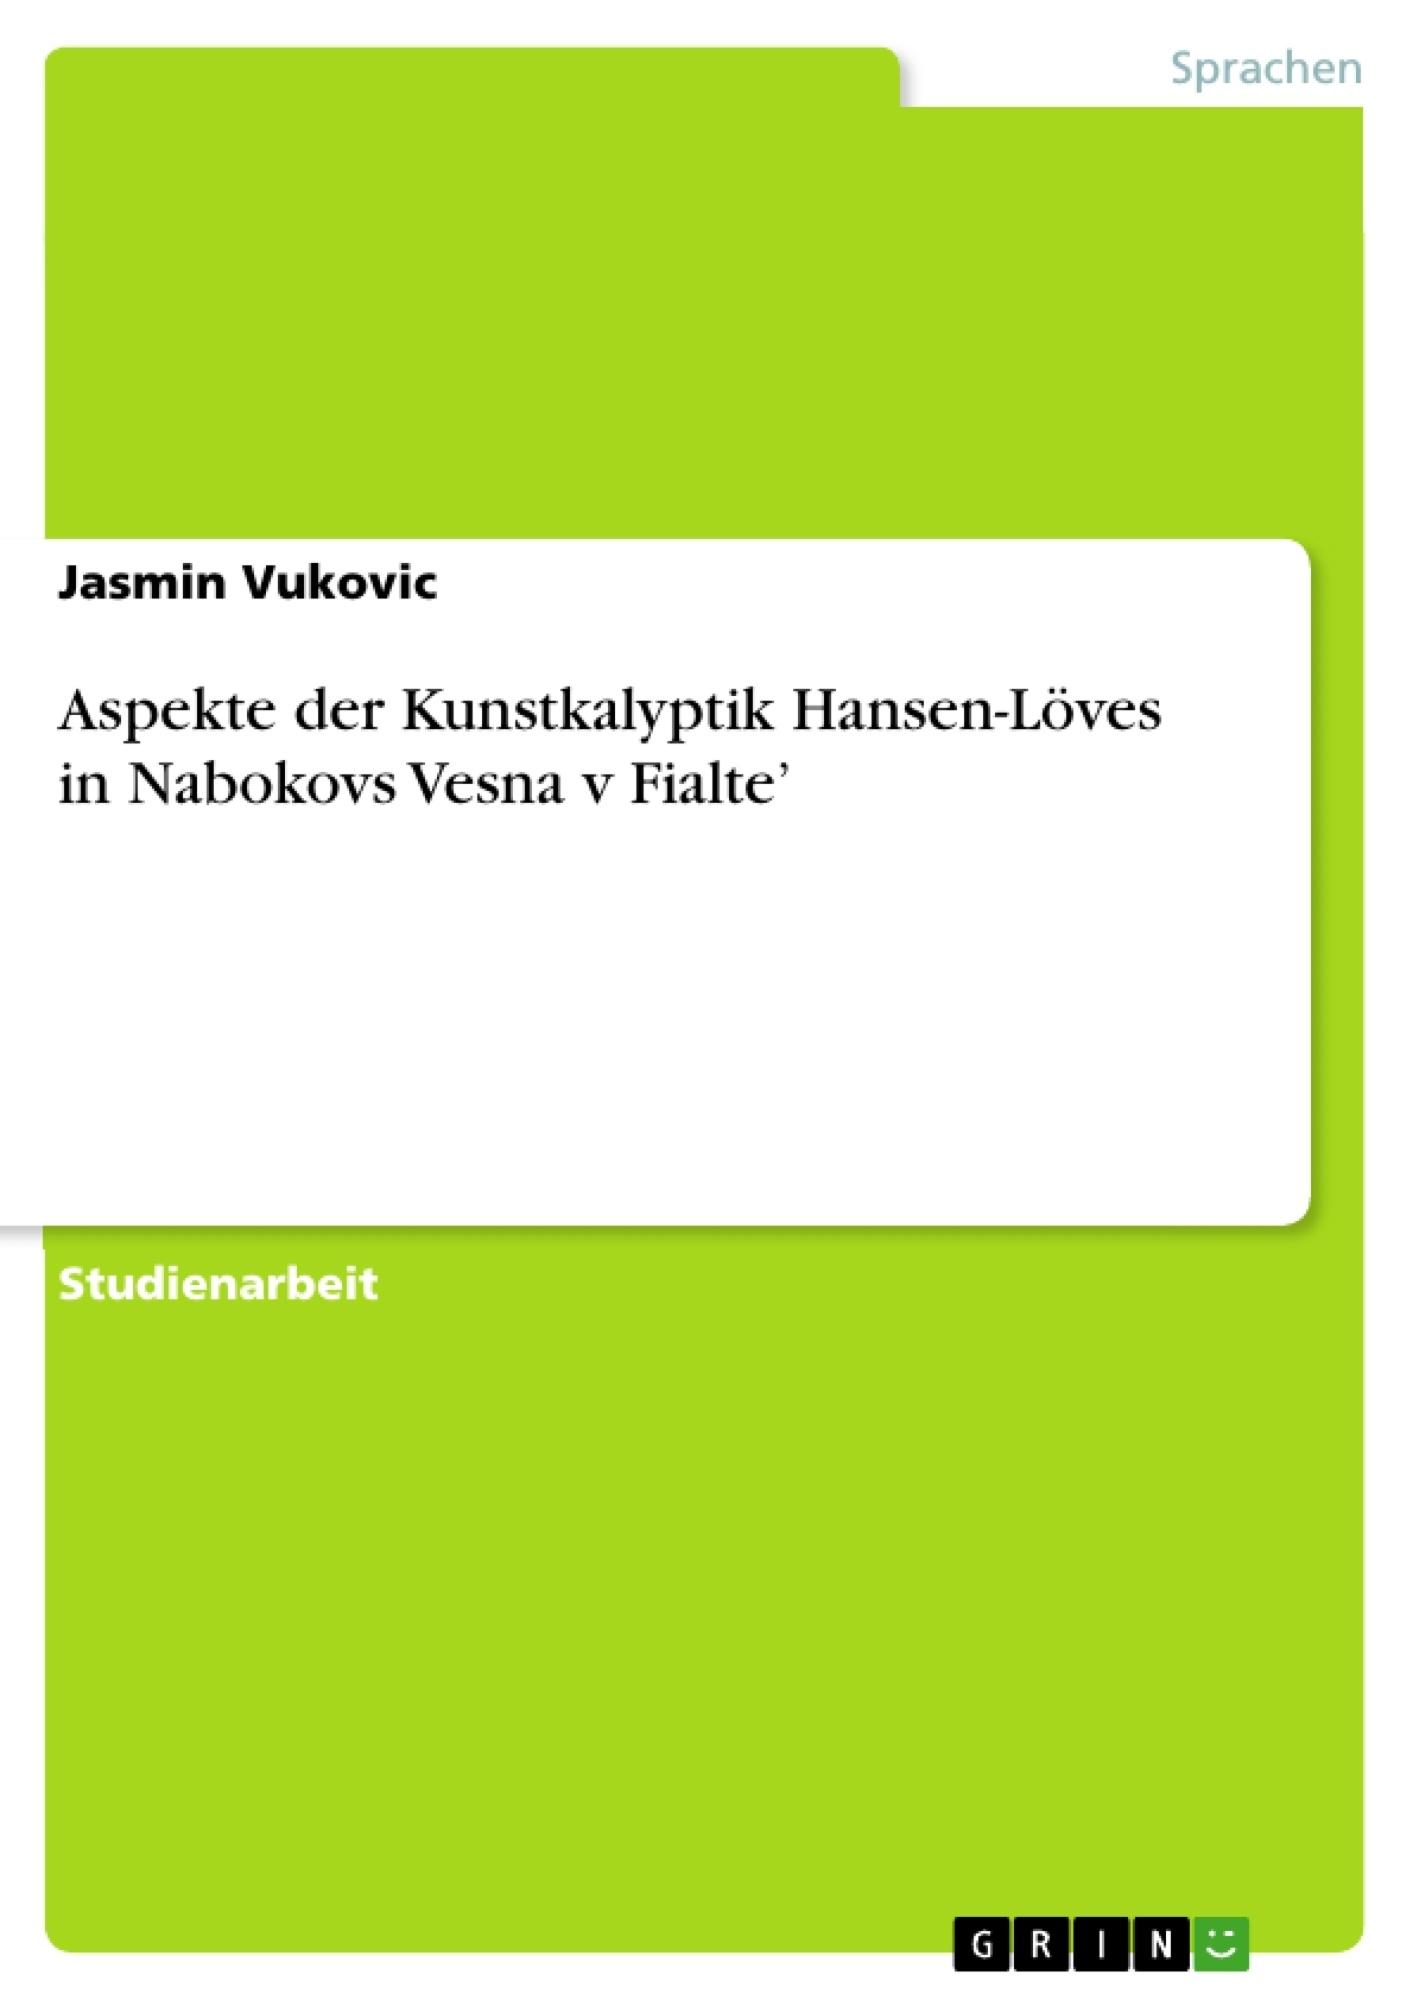 Titel: Aspekte der Kunstkalyptik Hansen-Löves in Nabokovs Vesna v Fialte'